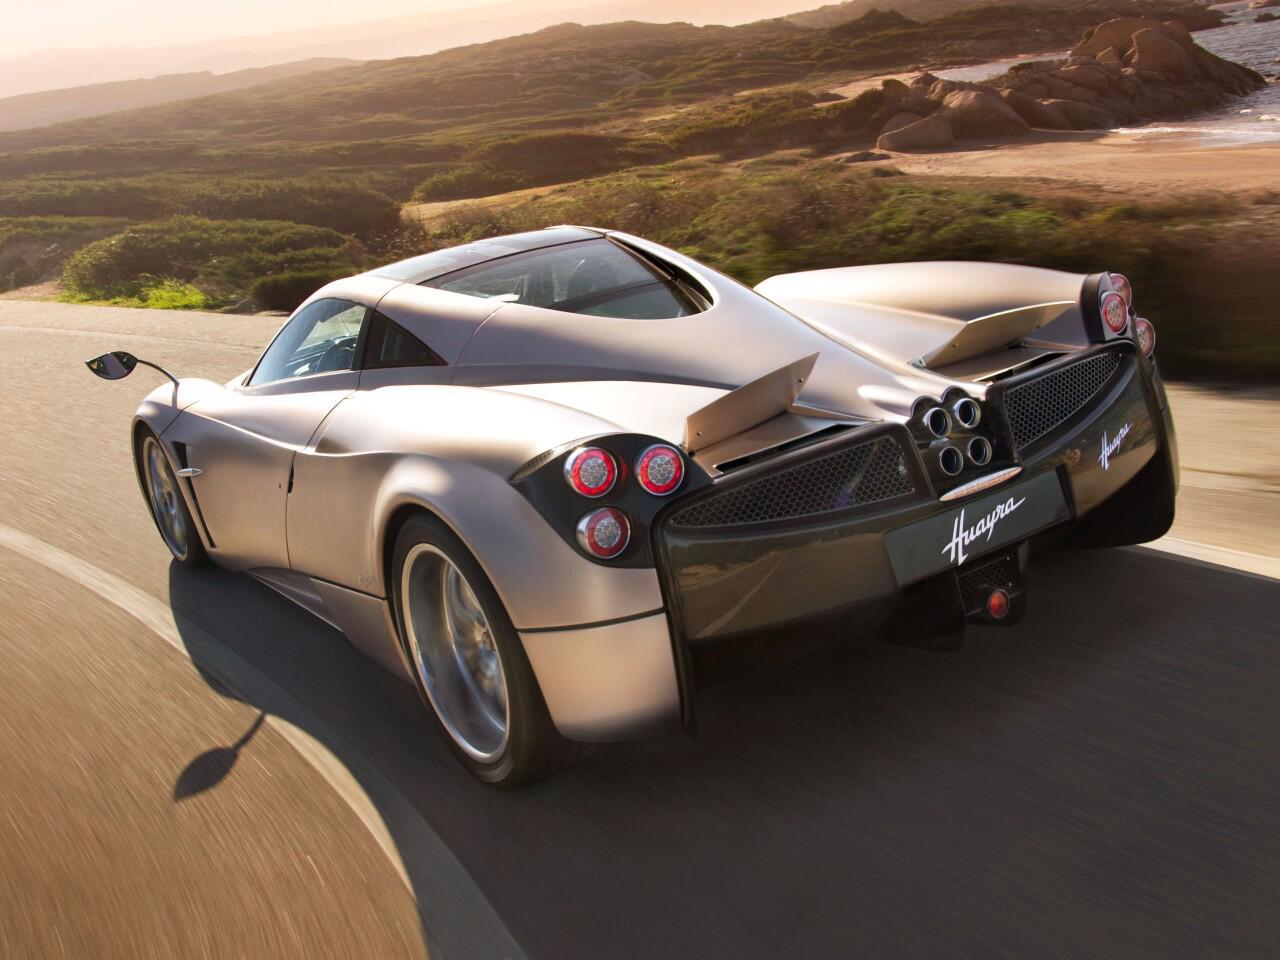 Bild zu Platz 9: Der Pagani Huayra schafft laut Hersteller rund 370 km/h